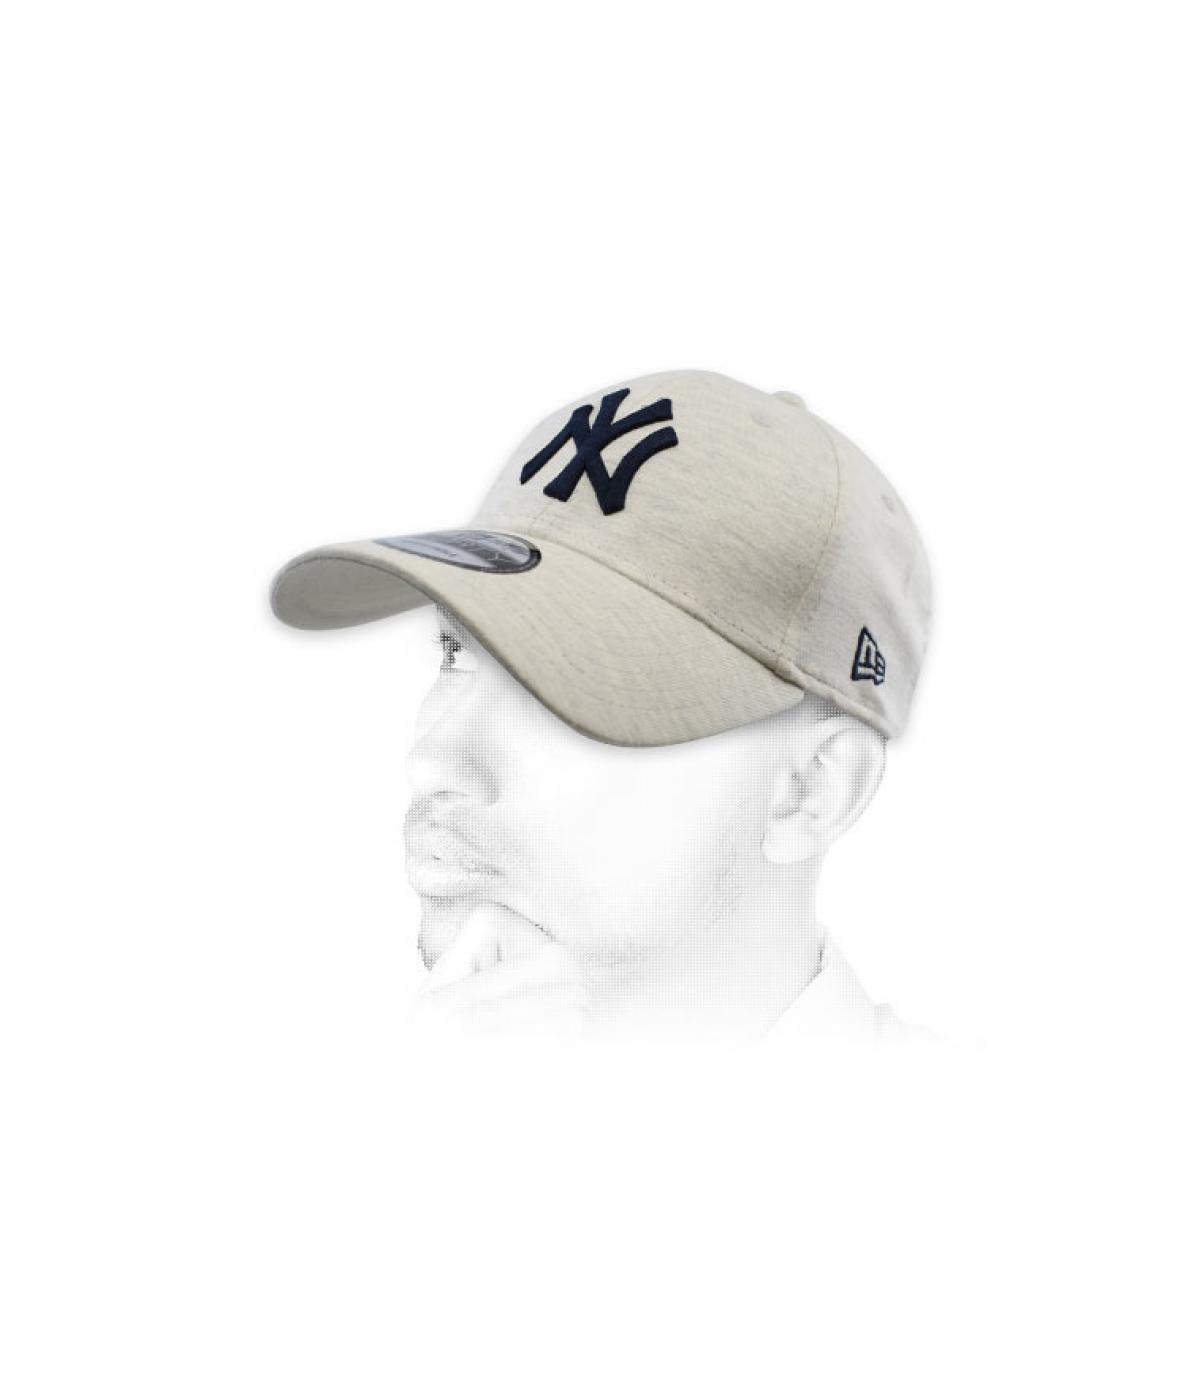 casquette NY gris bleu